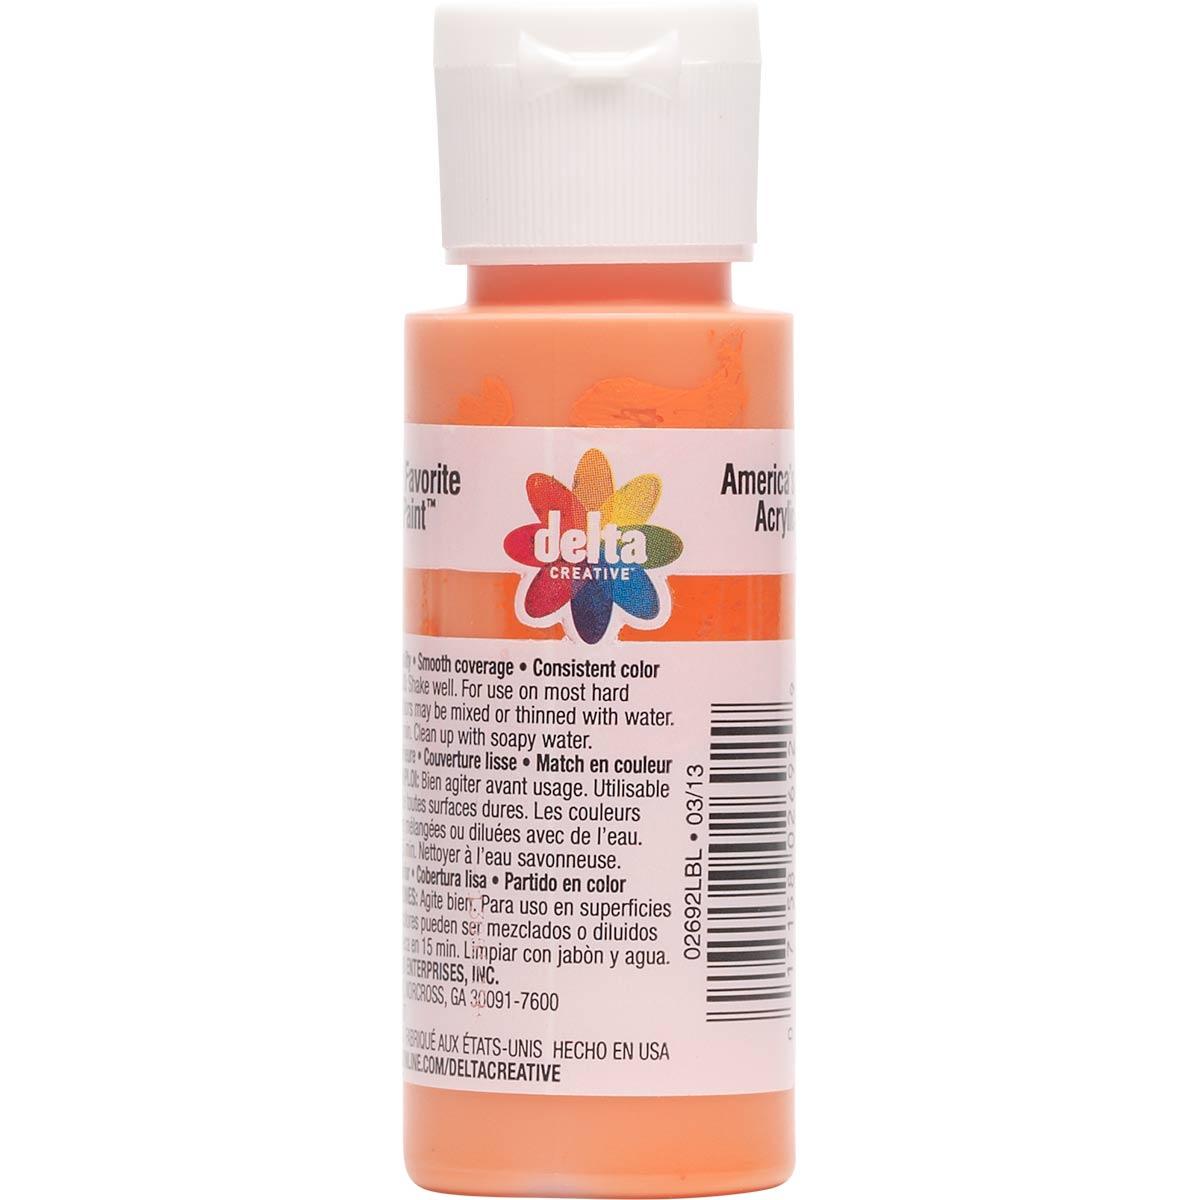 Delta Ceramcoat ® Acrylic Paint - Orange Soda, 2 oz. - 02692